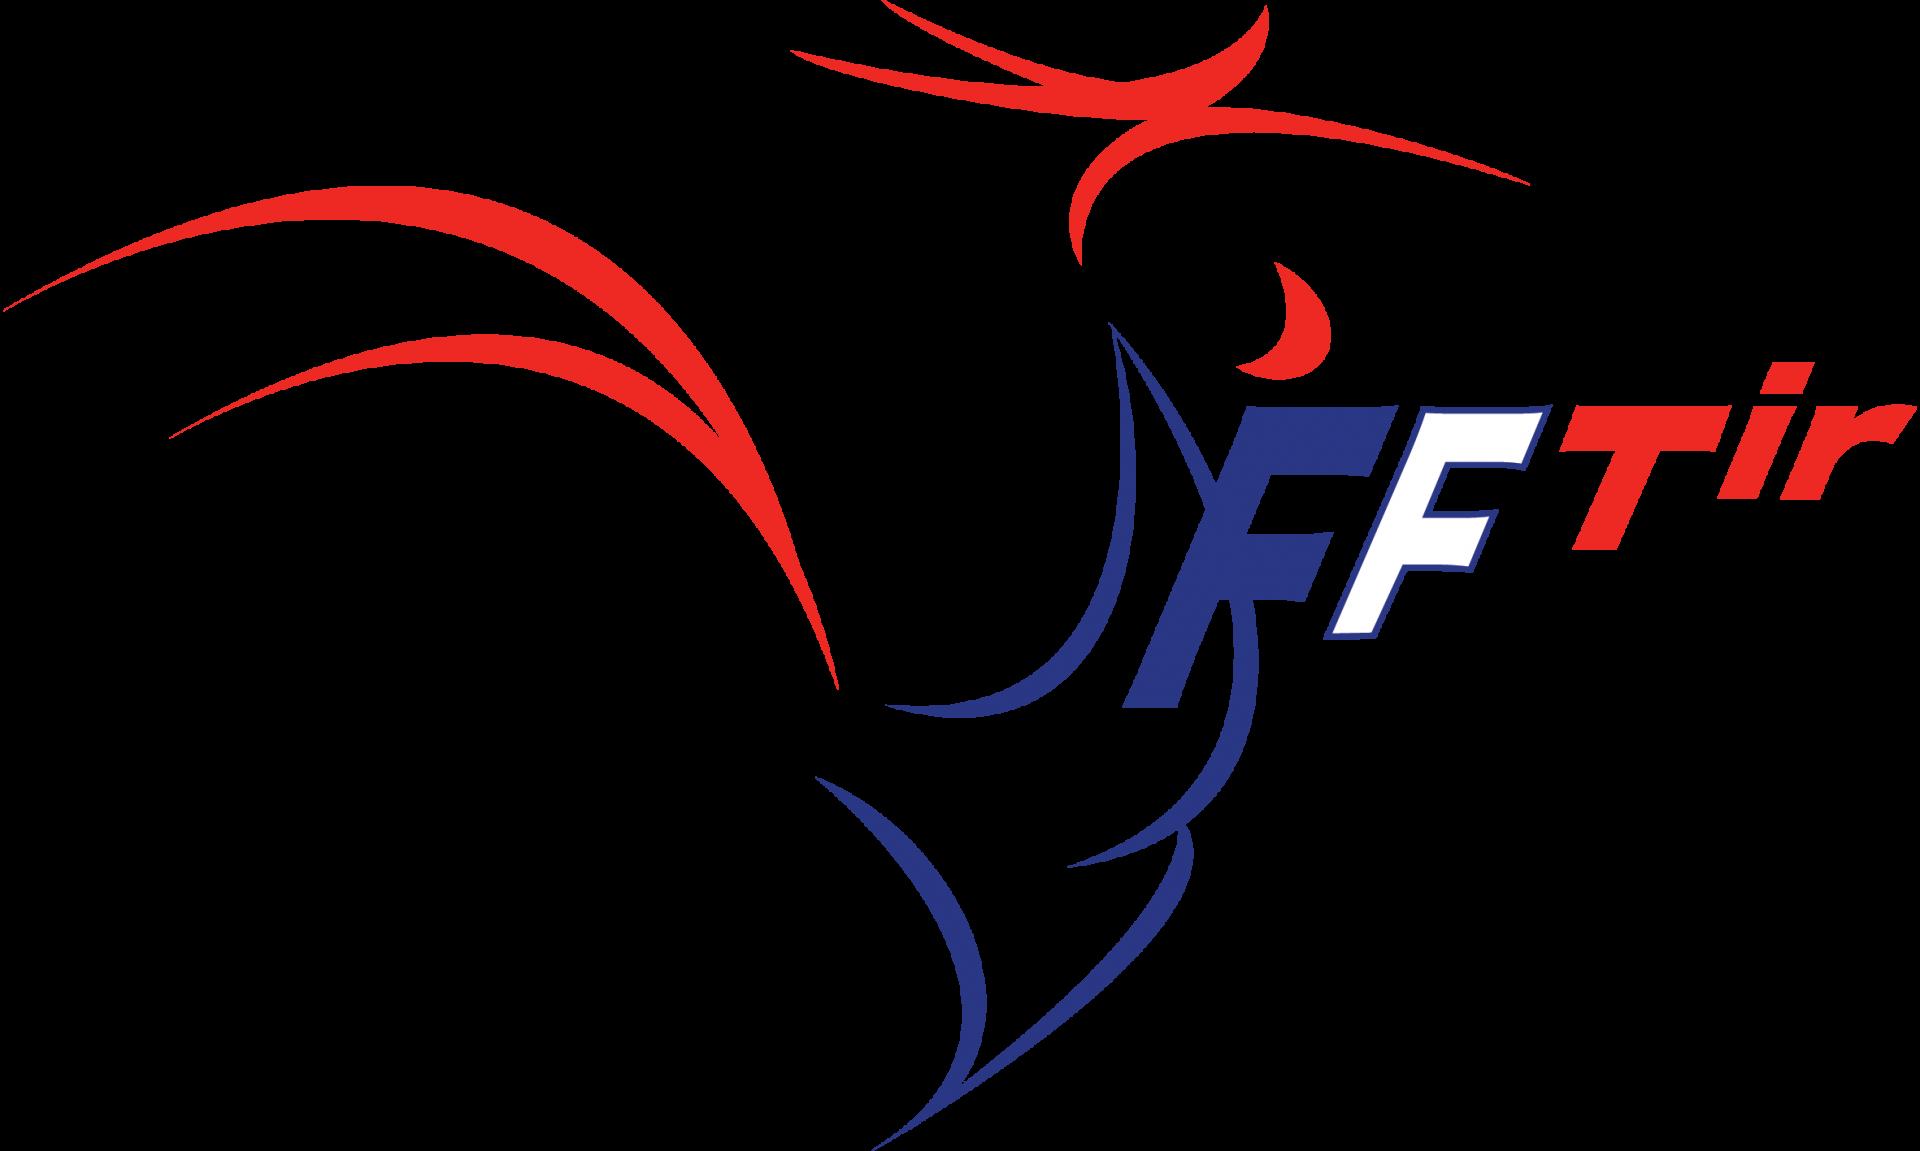 Image logo fft